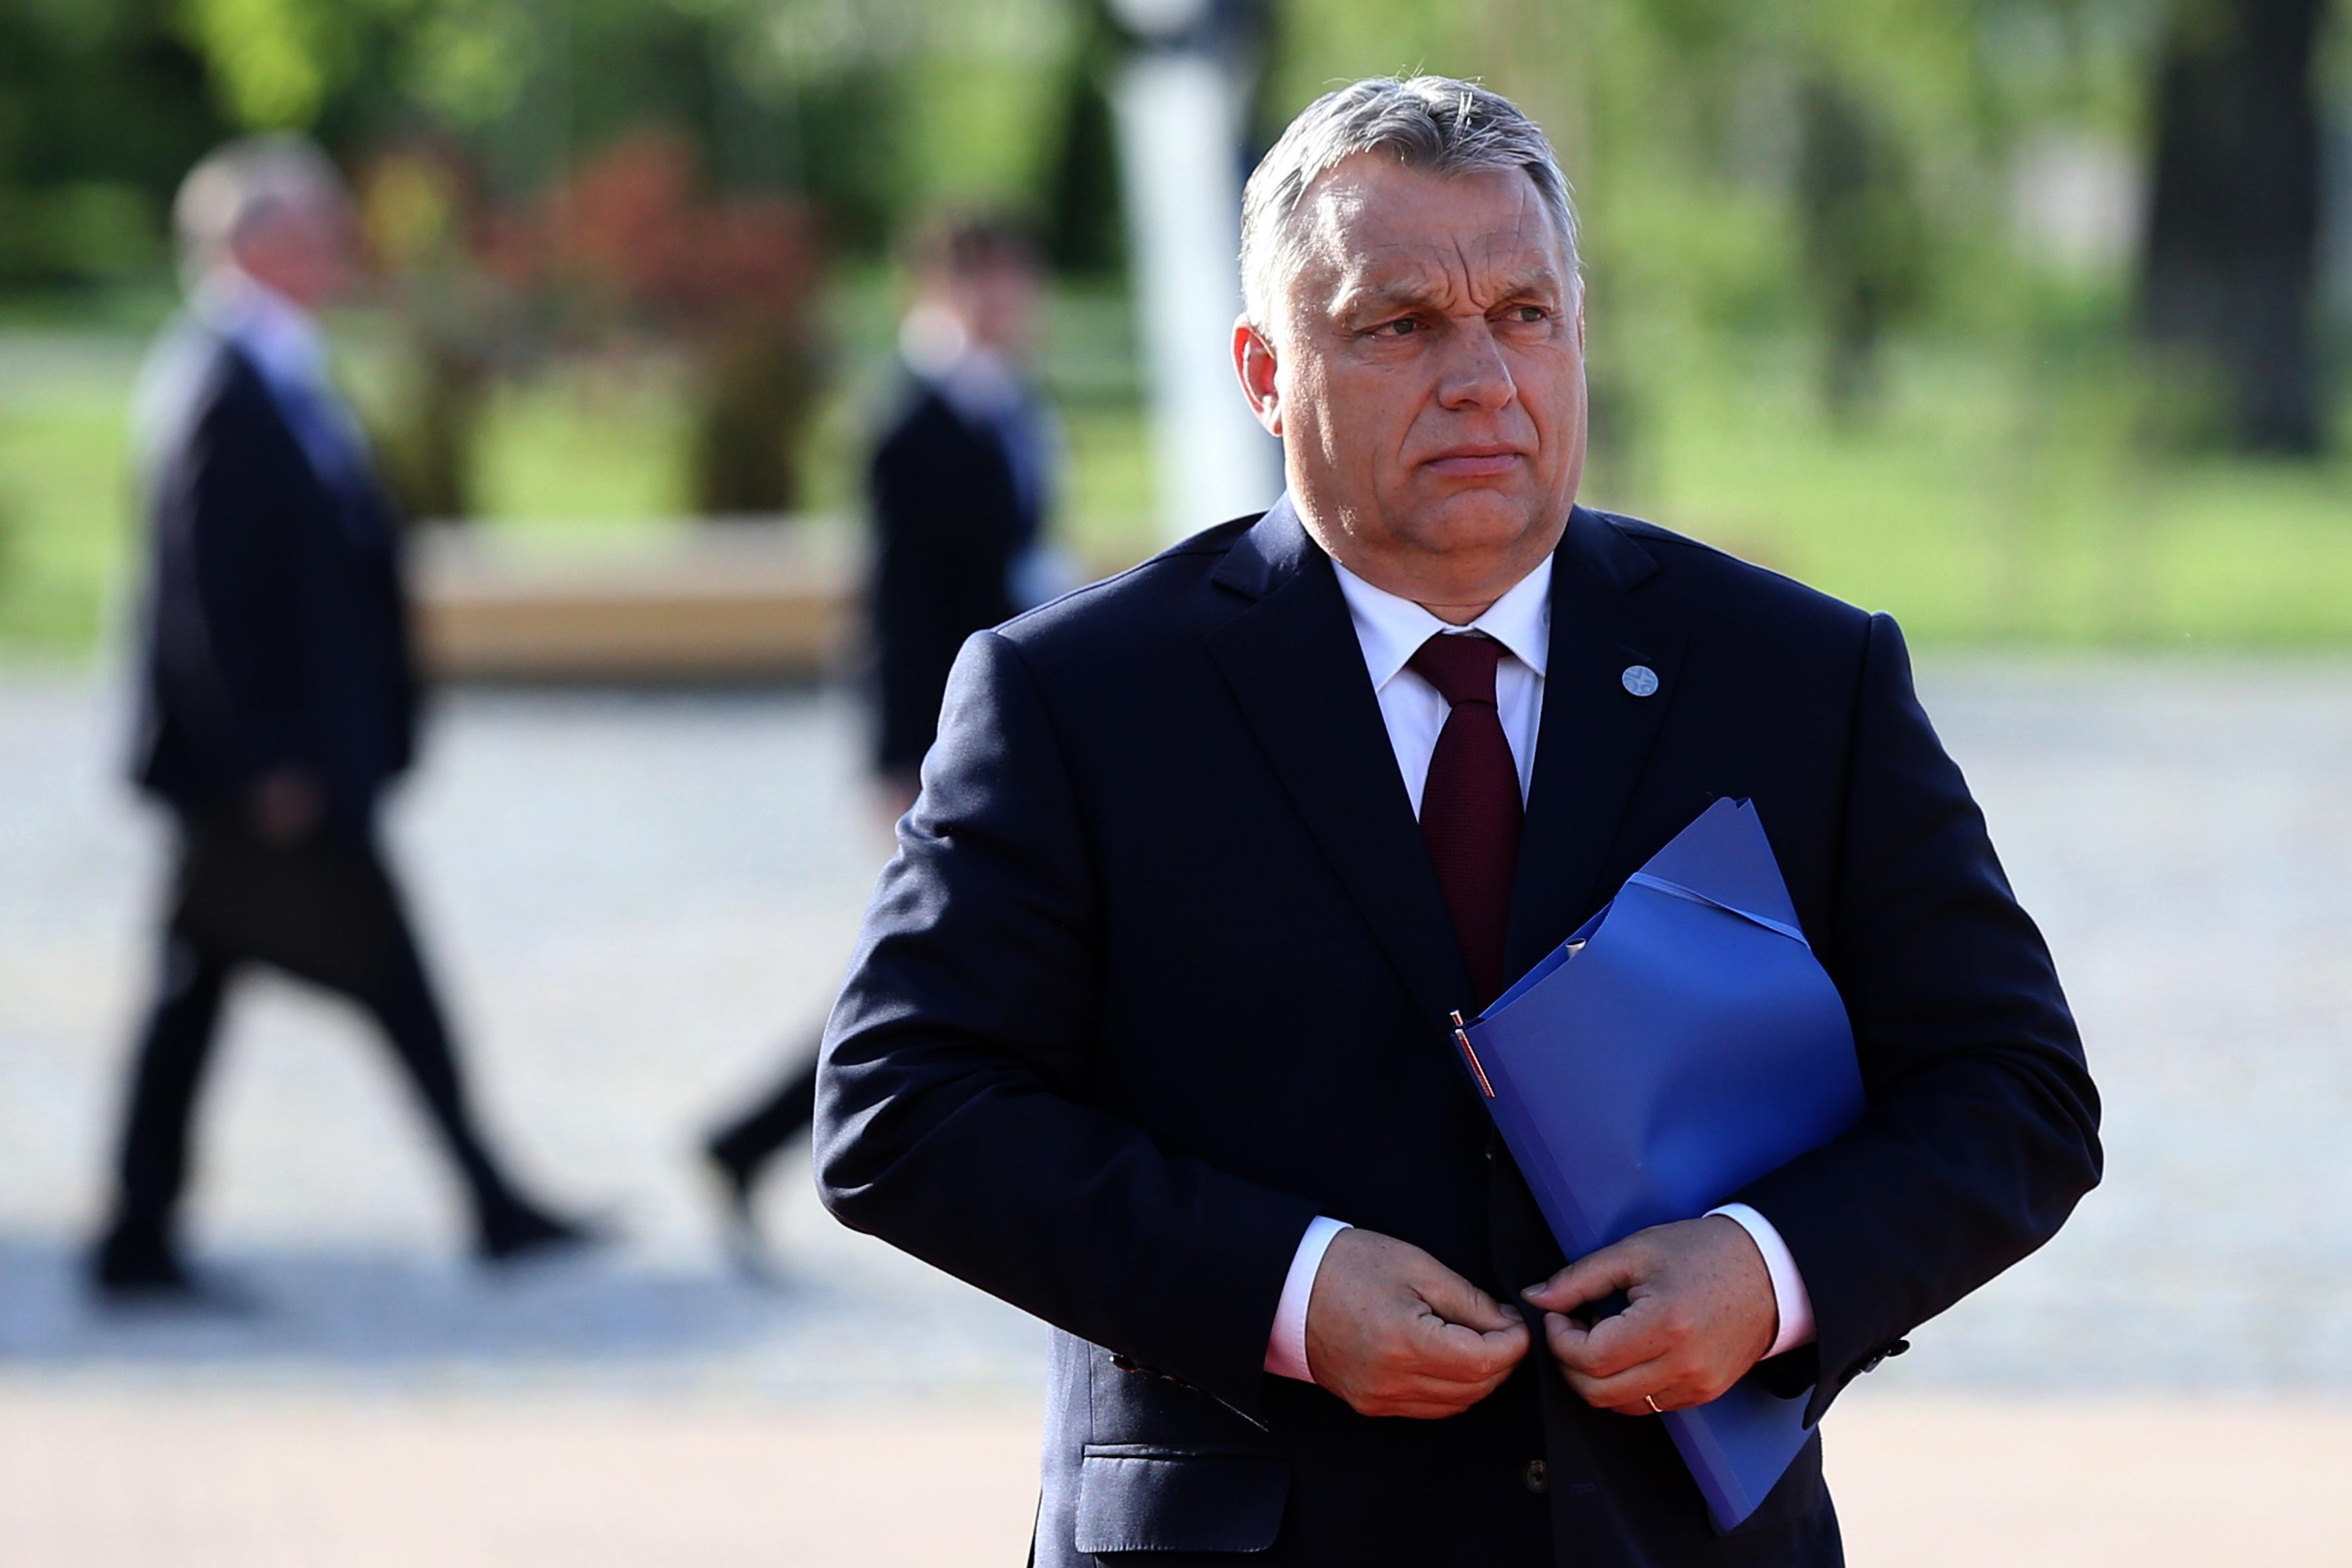 Az éppen kezelés alatt álló pácienst kikísérték a rendelőből, amikor megérkezett Orbán Viktor, hogy receptet szerezzen magának